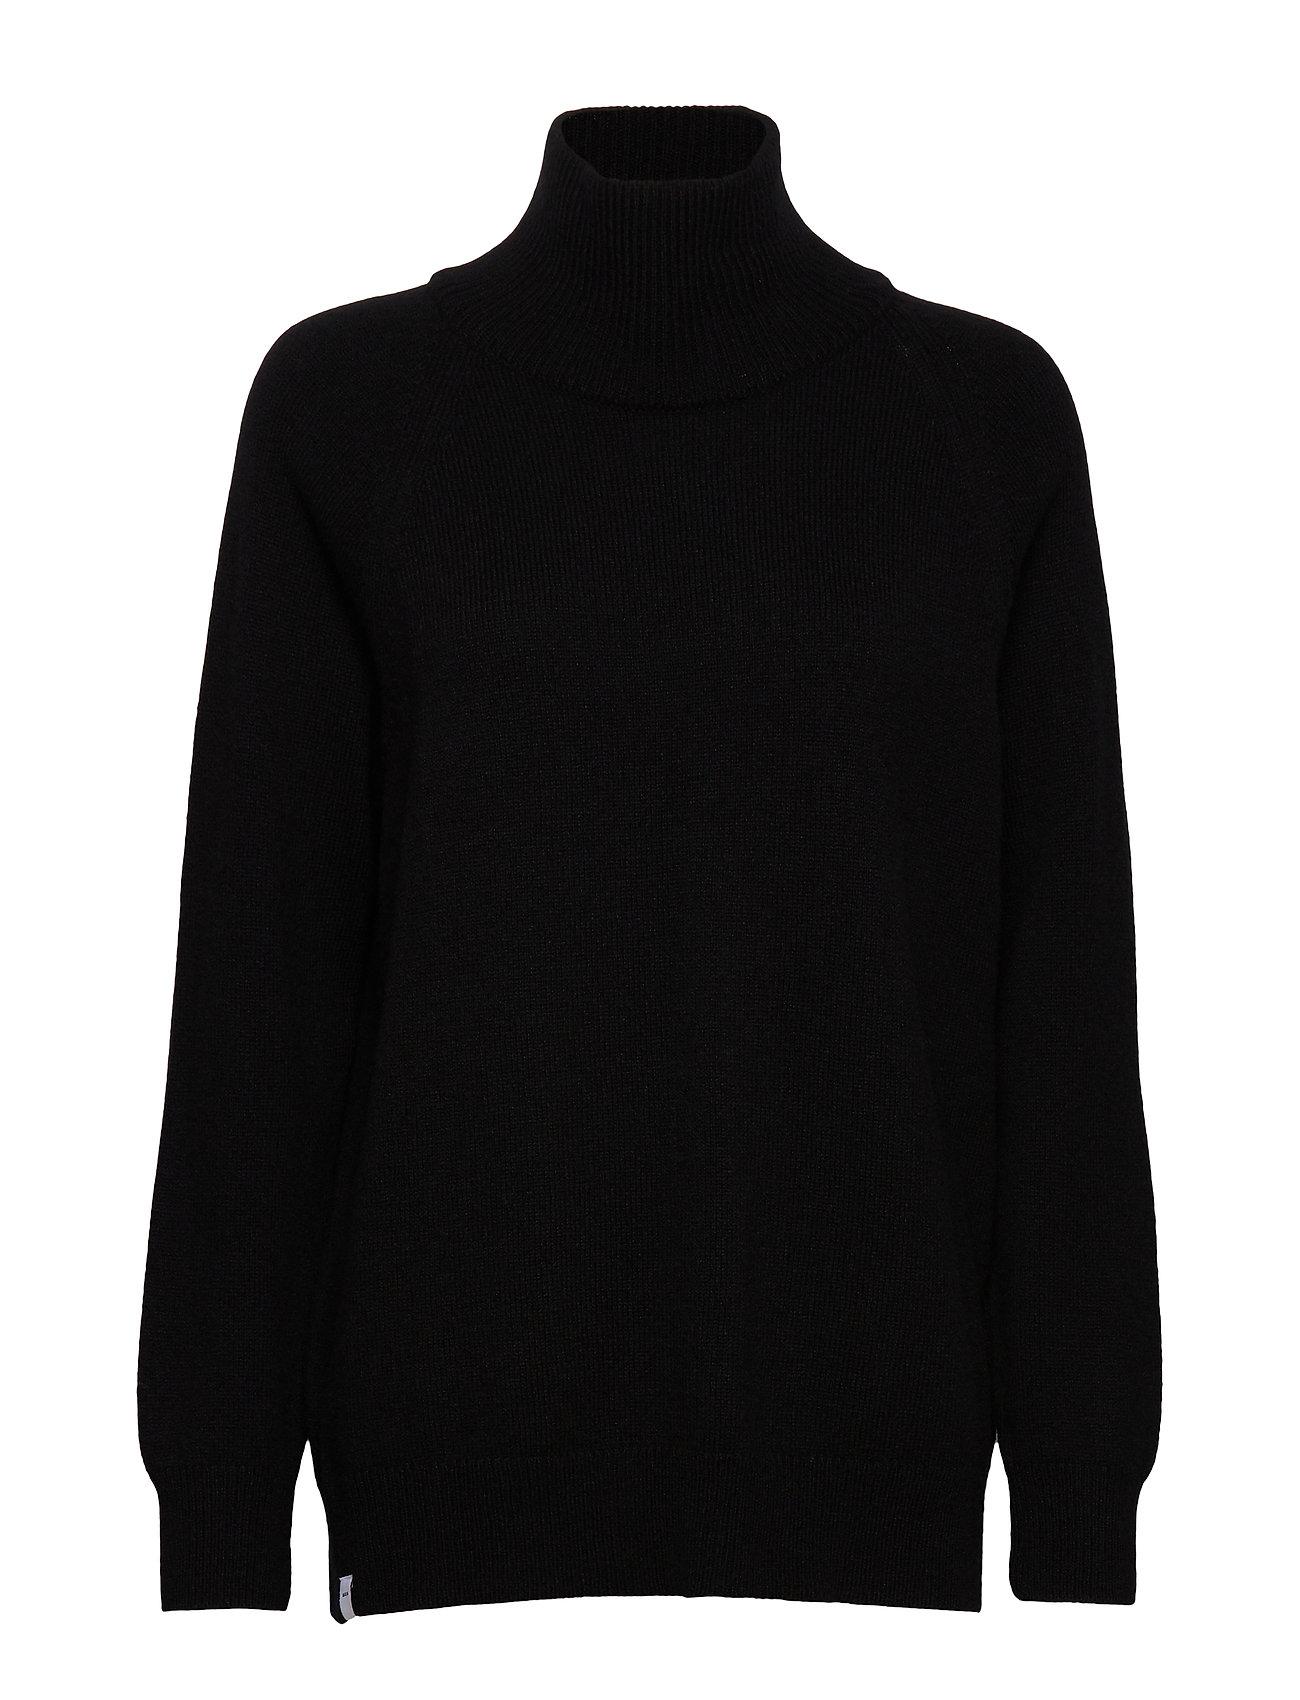 Makia Lumi Knit - BLACK